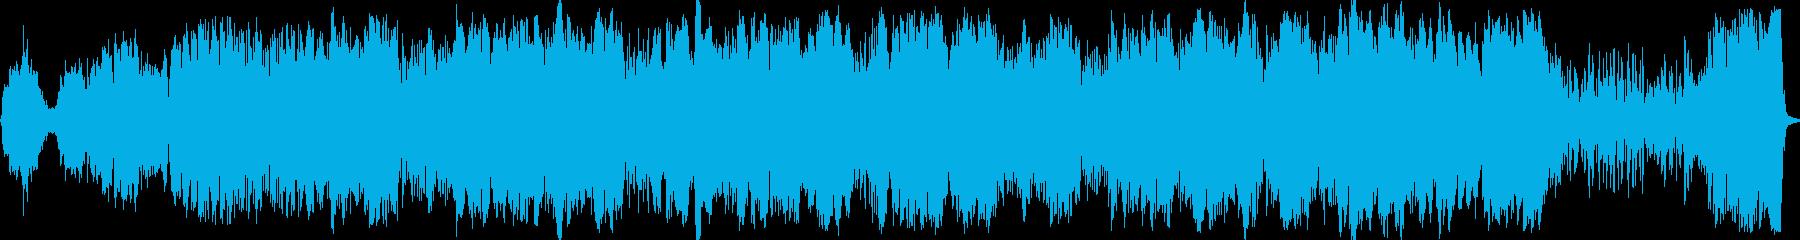 ブルース。トリオが演奏。の再生済みの波形